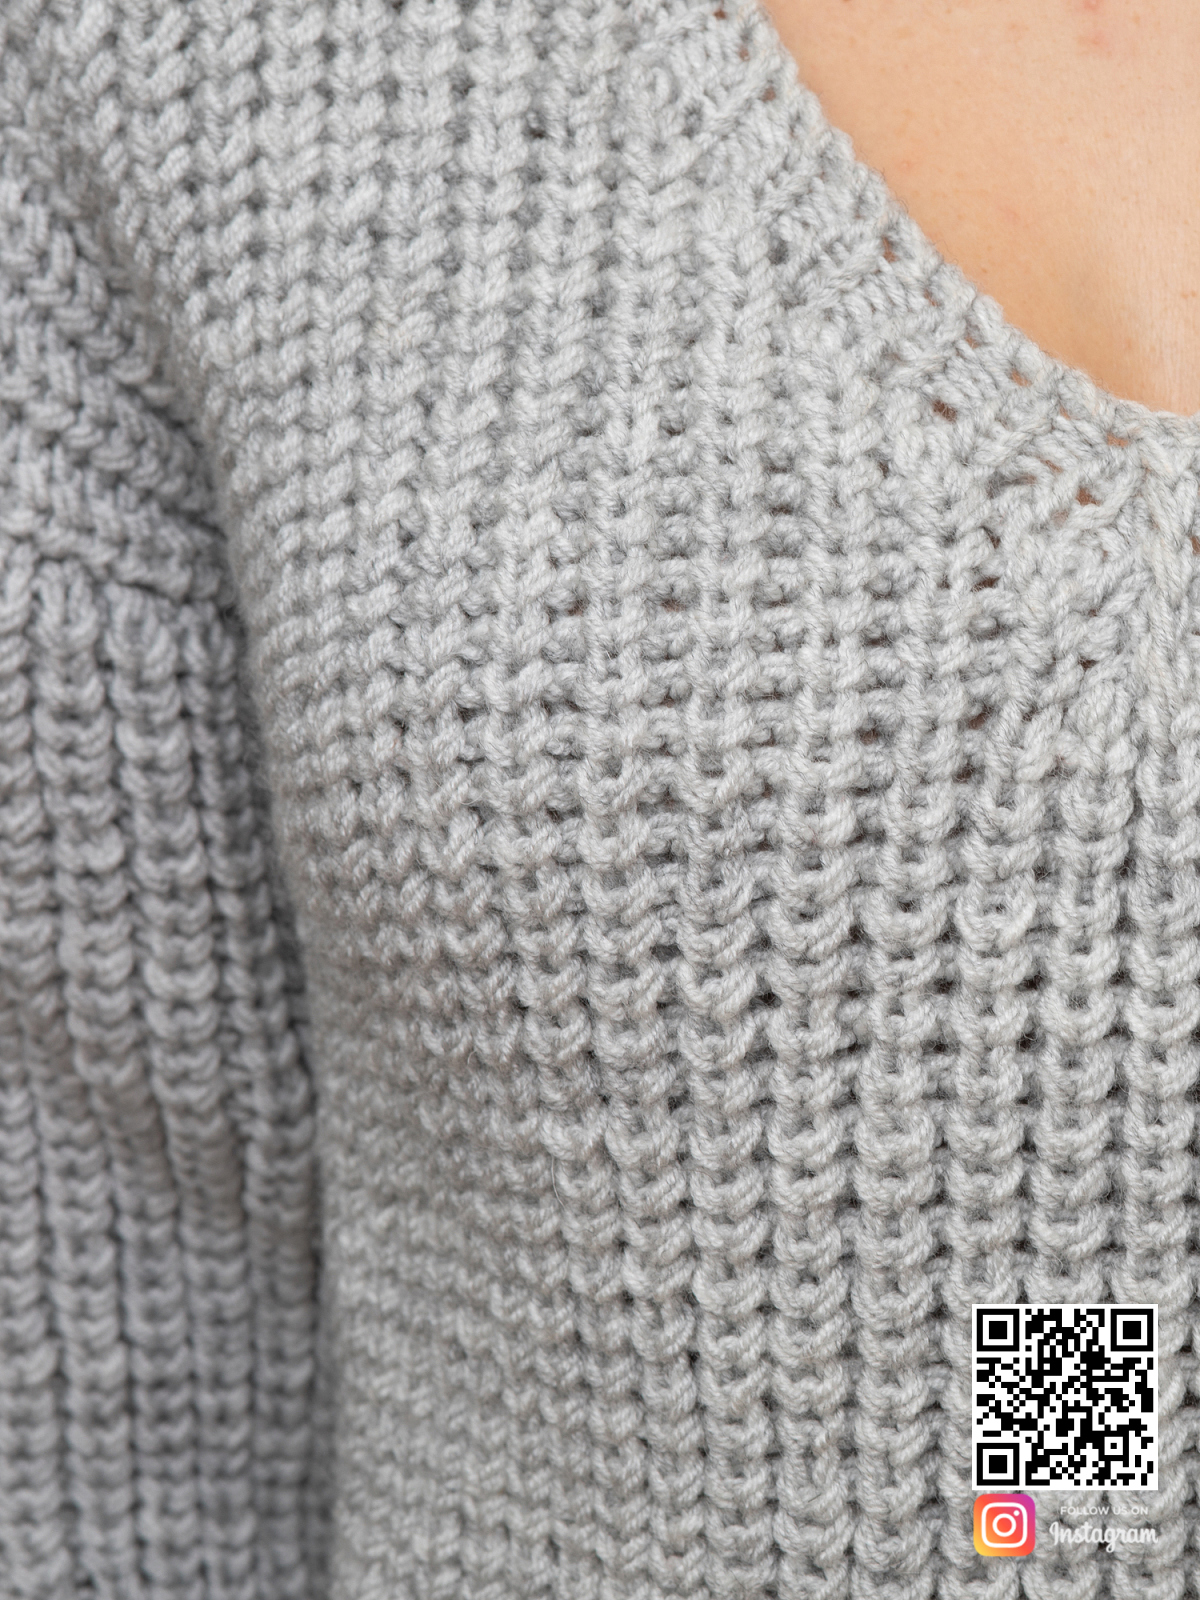 На шестой фотографии связанный женский пуловер крупным планом от Shapar, бренда одежды ручной работы в интернет-магазине вязаных спицами вещей.